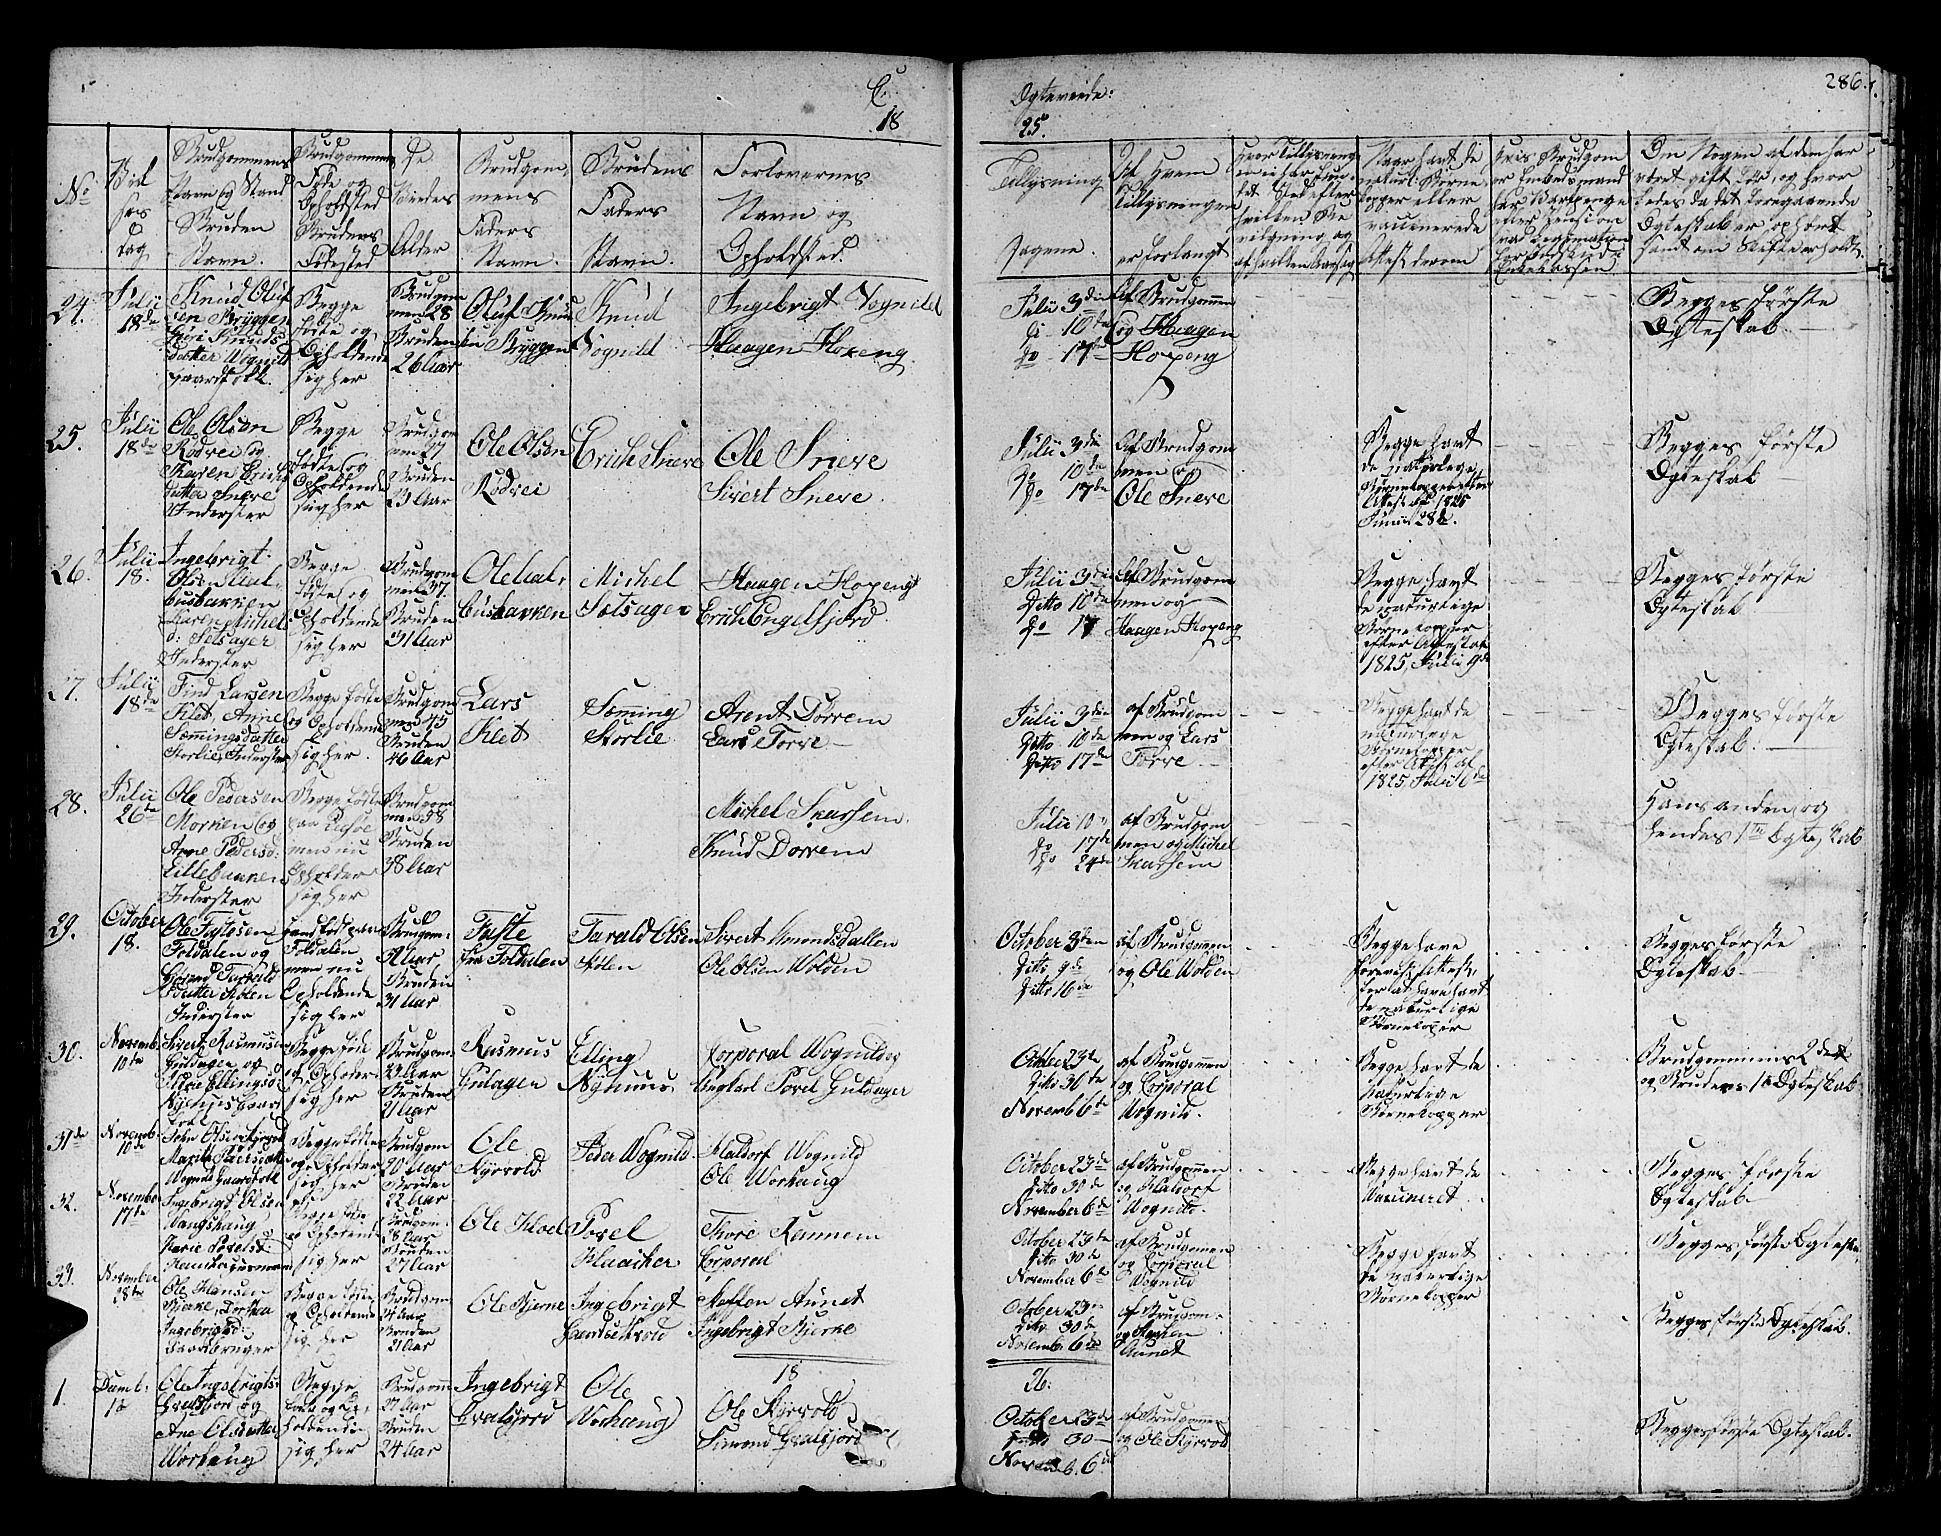 SAT, Ministerialprotokoller, klokkerbøker og fødselsregistre - Sør-Trøndelag, 678/L0897: Ministerialbok nr. 678A06-07, 1821-1847, s. 286